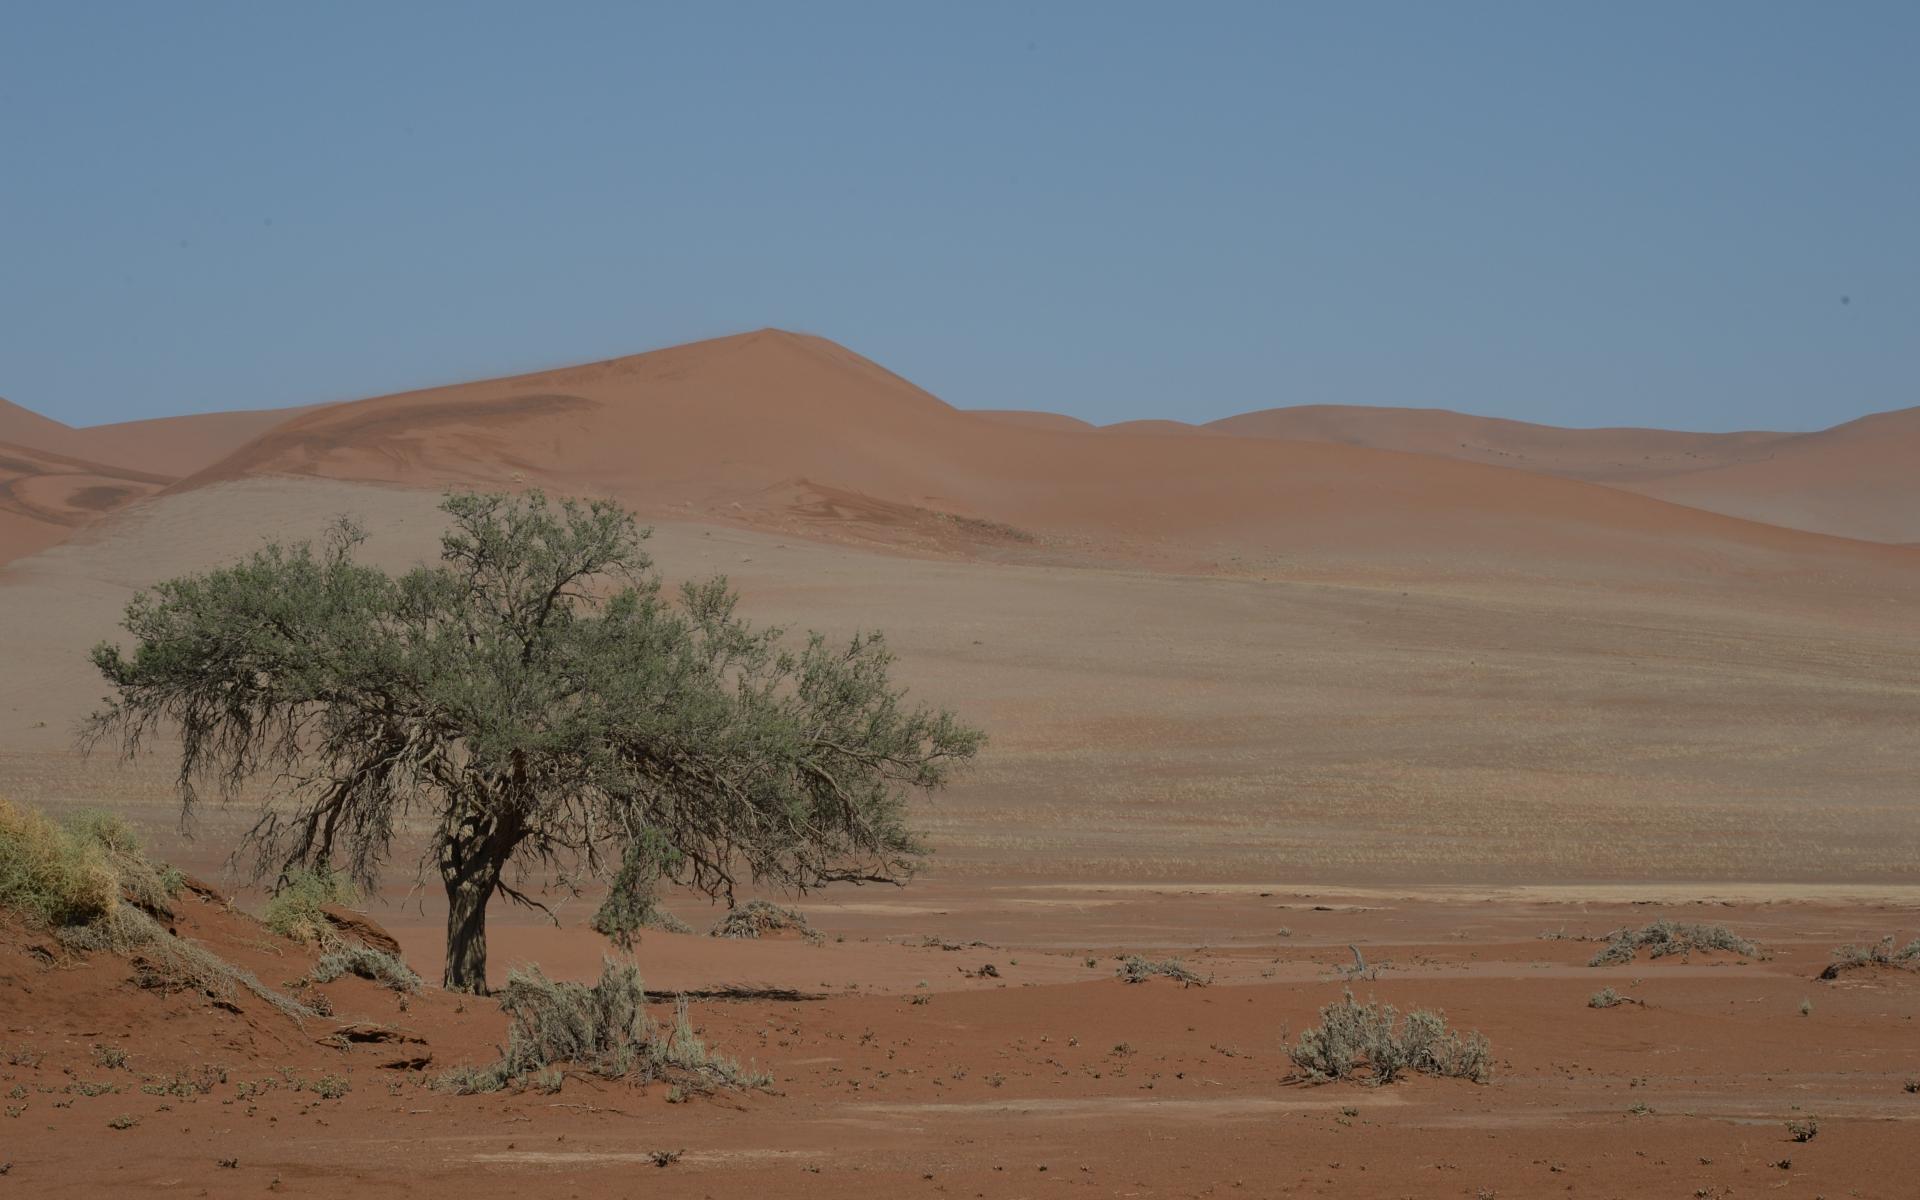 Namibia_Sossusvlei_Deadvlei_11